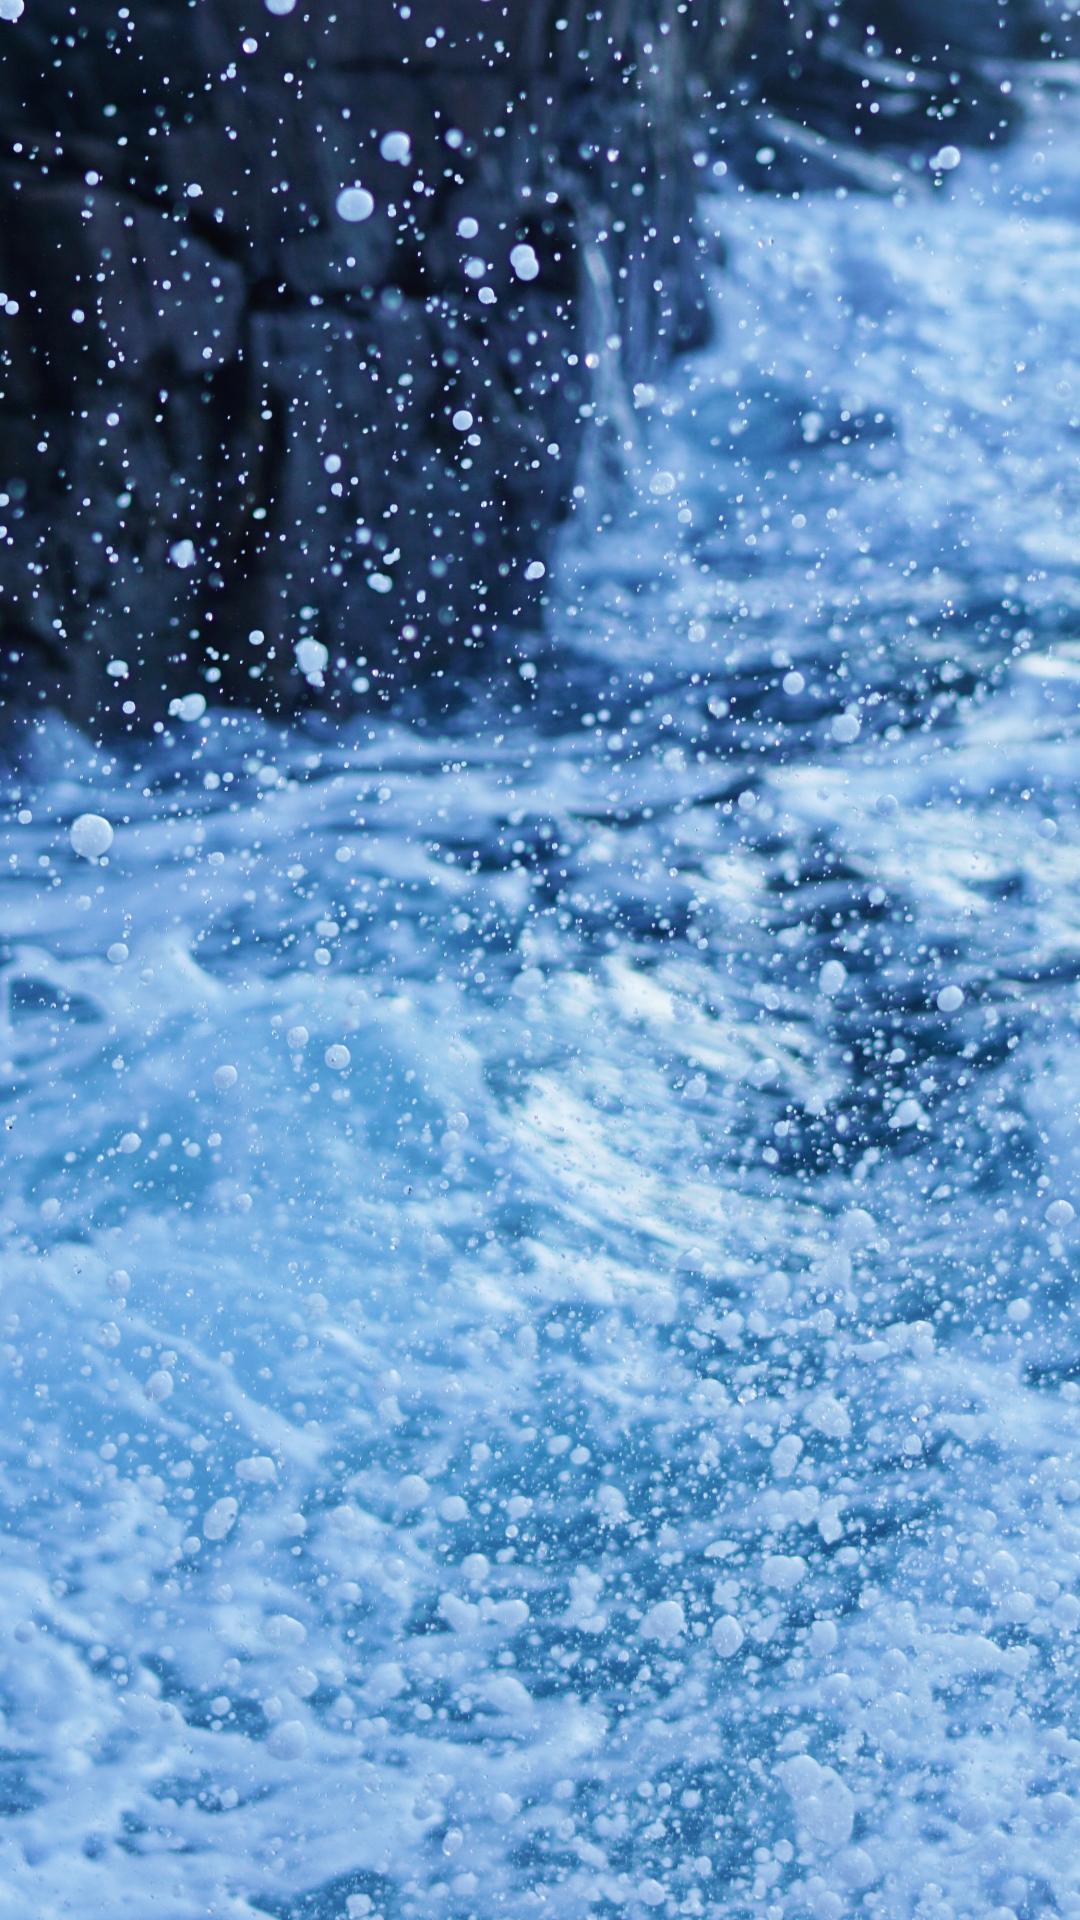 Splashing Water iPhone Wallpaper